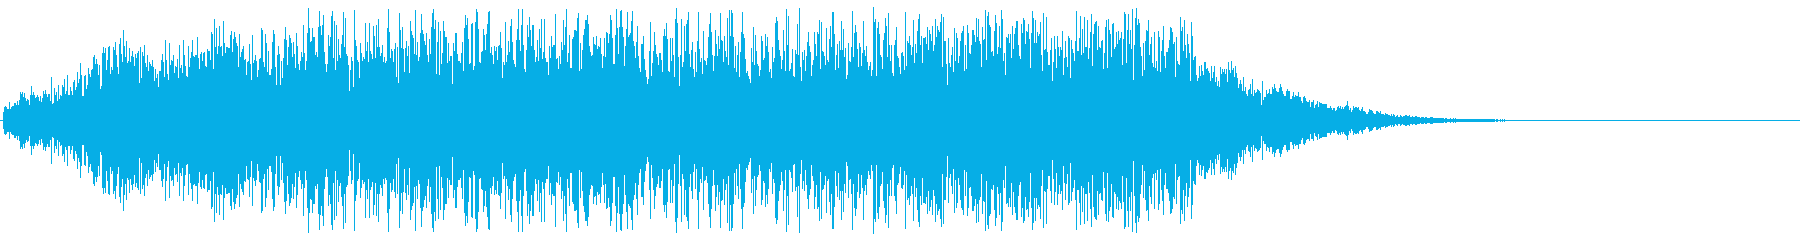 アニメにありそうなガンポッド(短め)の再生済みの波形